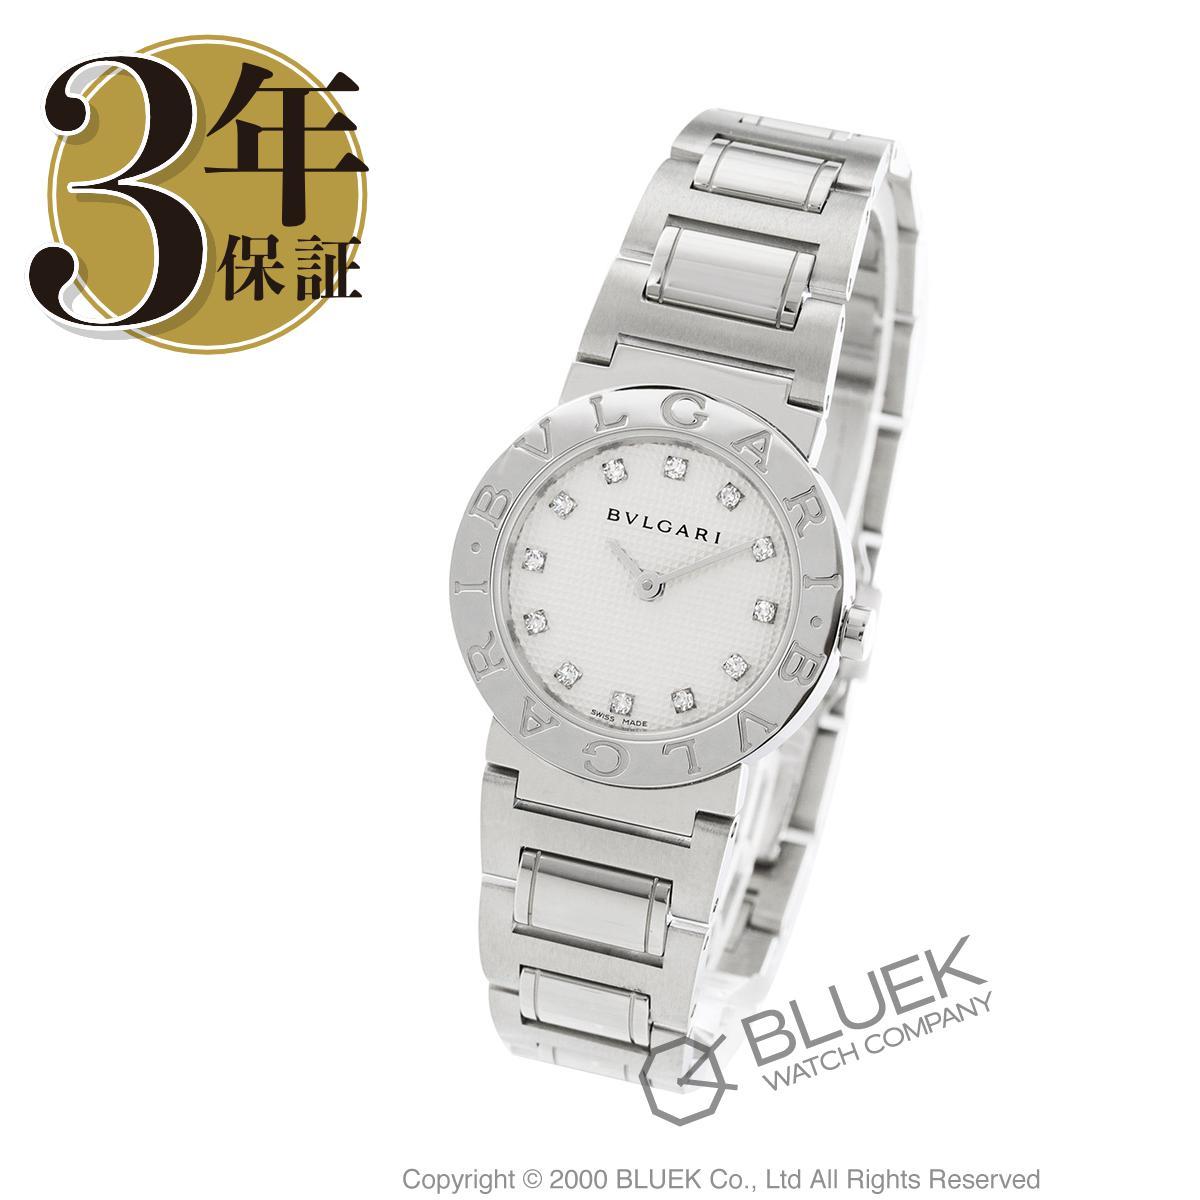 ブルガリ ブルガリブルガリ ダイヤ 腕時計 レディース BVLGARI BB26WSS/12_8